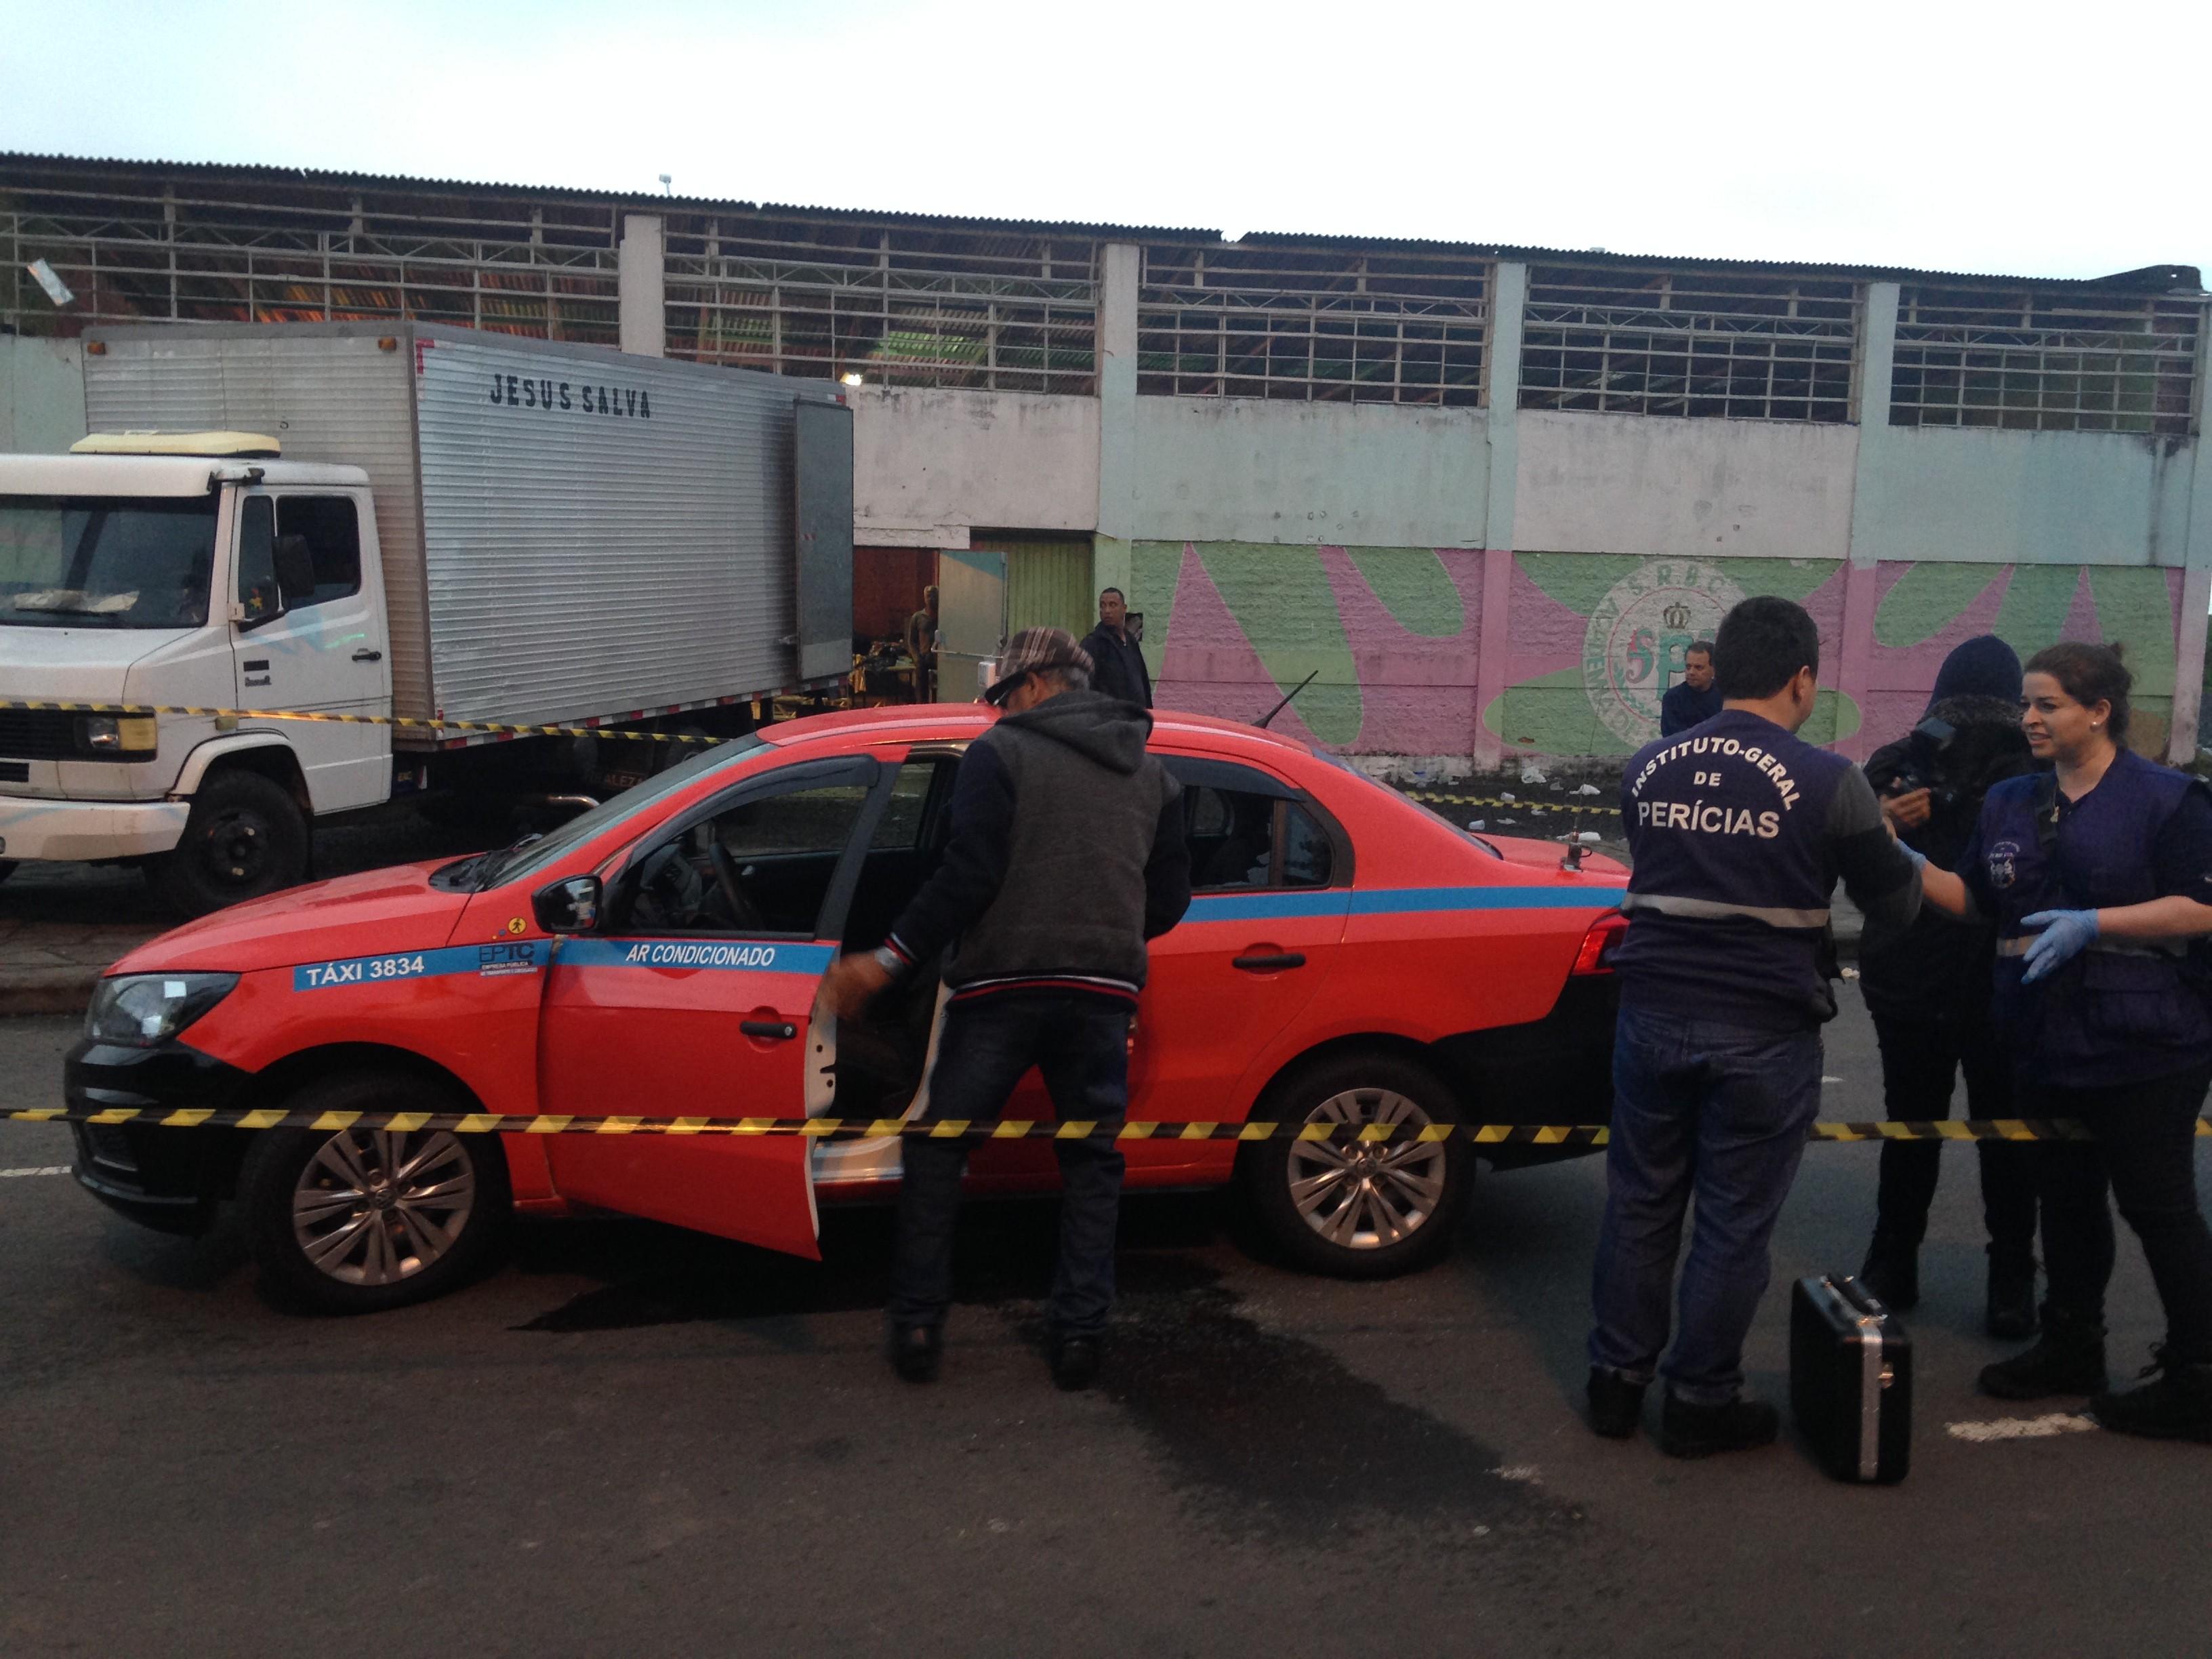 Polícia acredita que morte de homem em saída de festa em Porto Alegre tem ligação com tráfico de drogas - Radio Evangelho Gospel